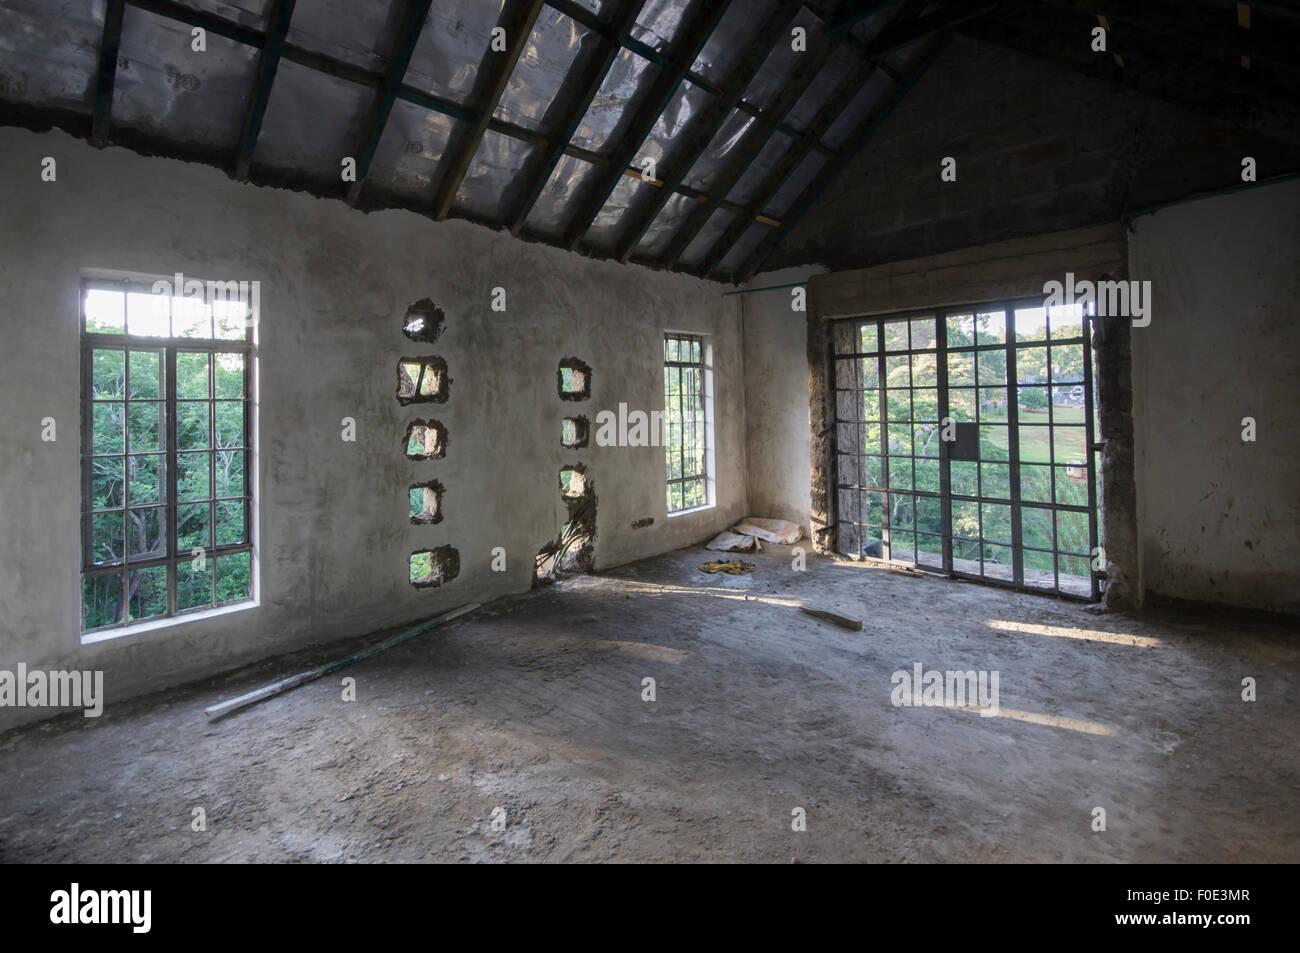 Wohnungsbau-Nairobi Stockbild